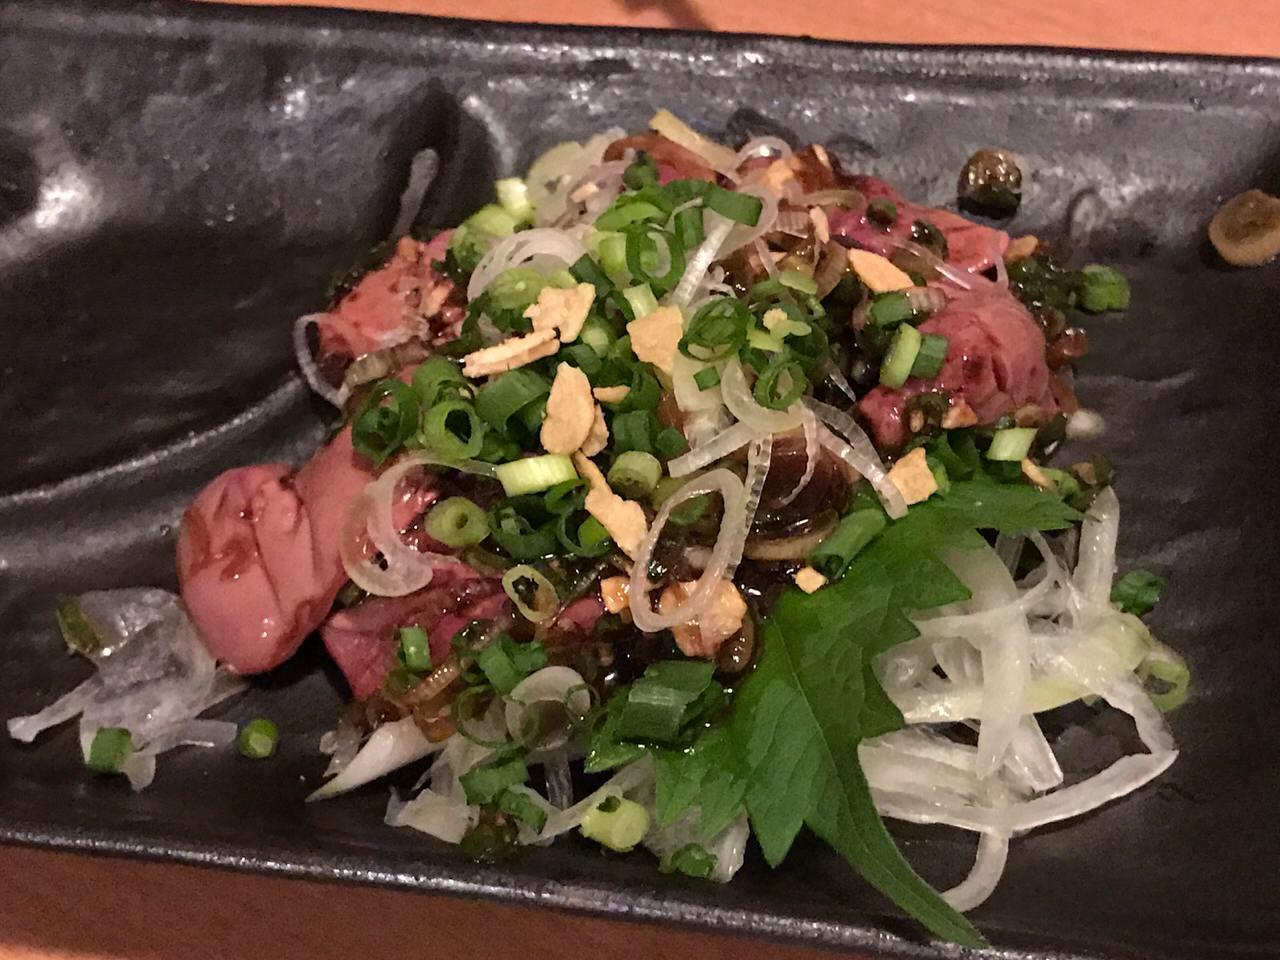 【閉店】「ももんじ屋(神田)」イノシシ・うさぎのジビエや野菜も美味い朝挽きホルモンの店